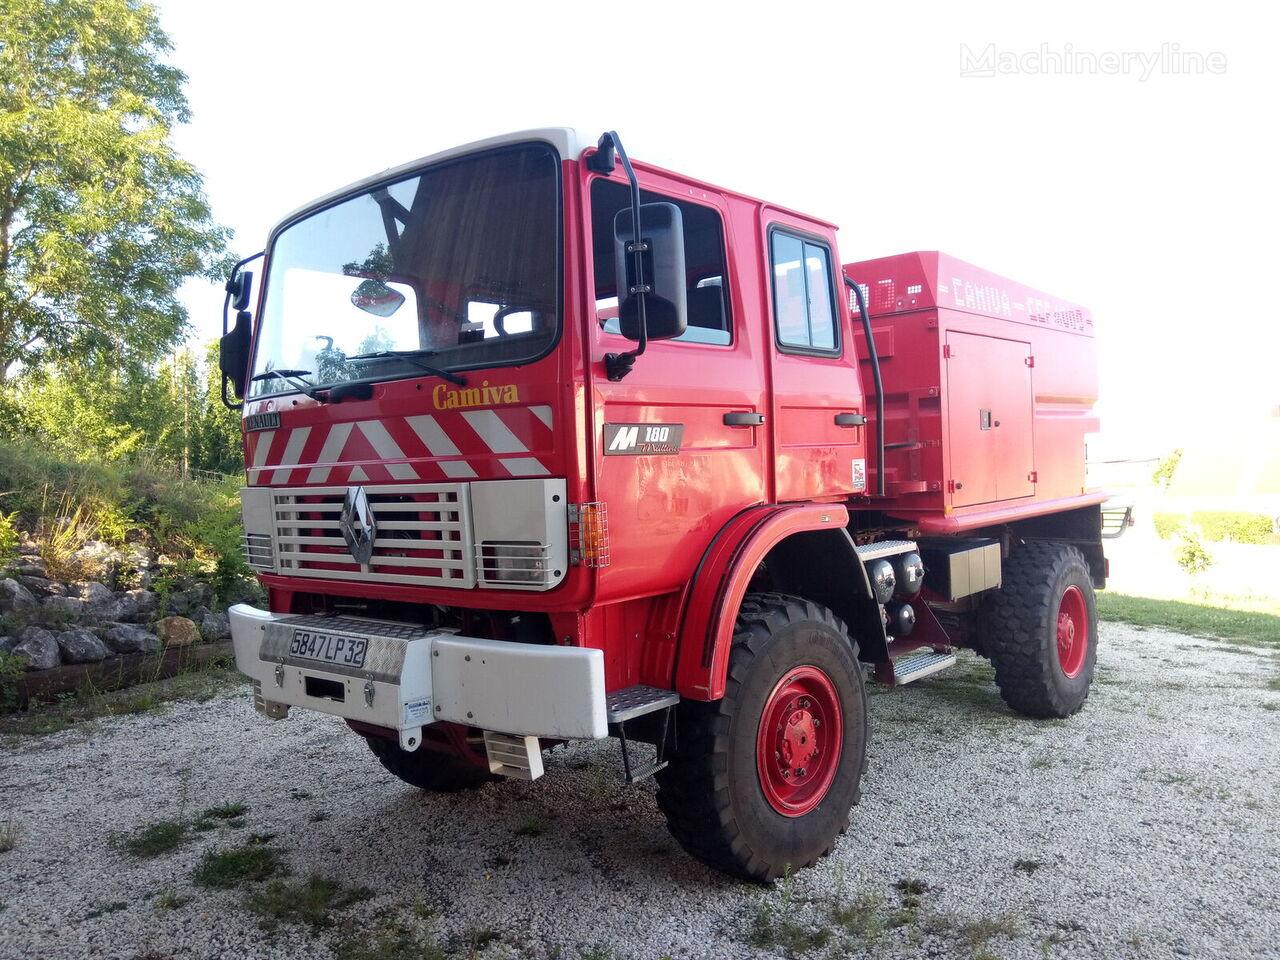 RENAULT M180 4x4 - CCF4000 camión de bomberos